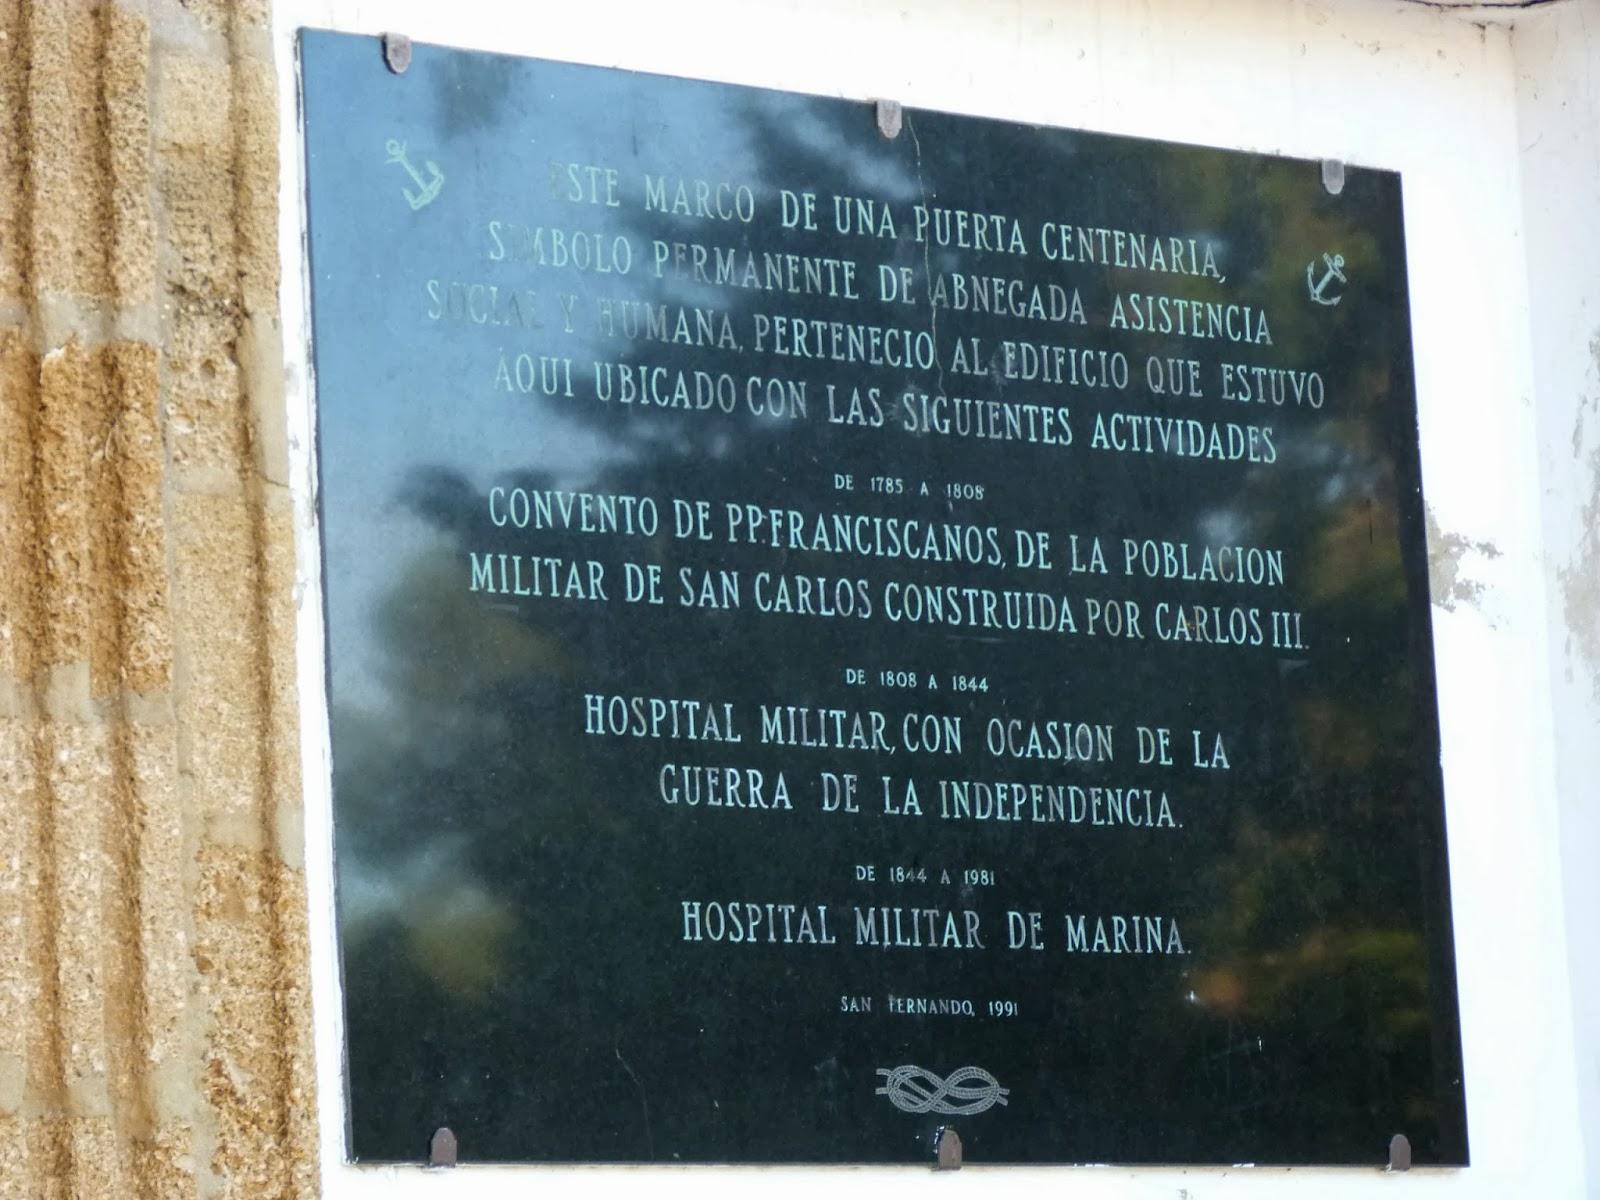 La Historia de La Isla en sus Placas: septiembre 2013